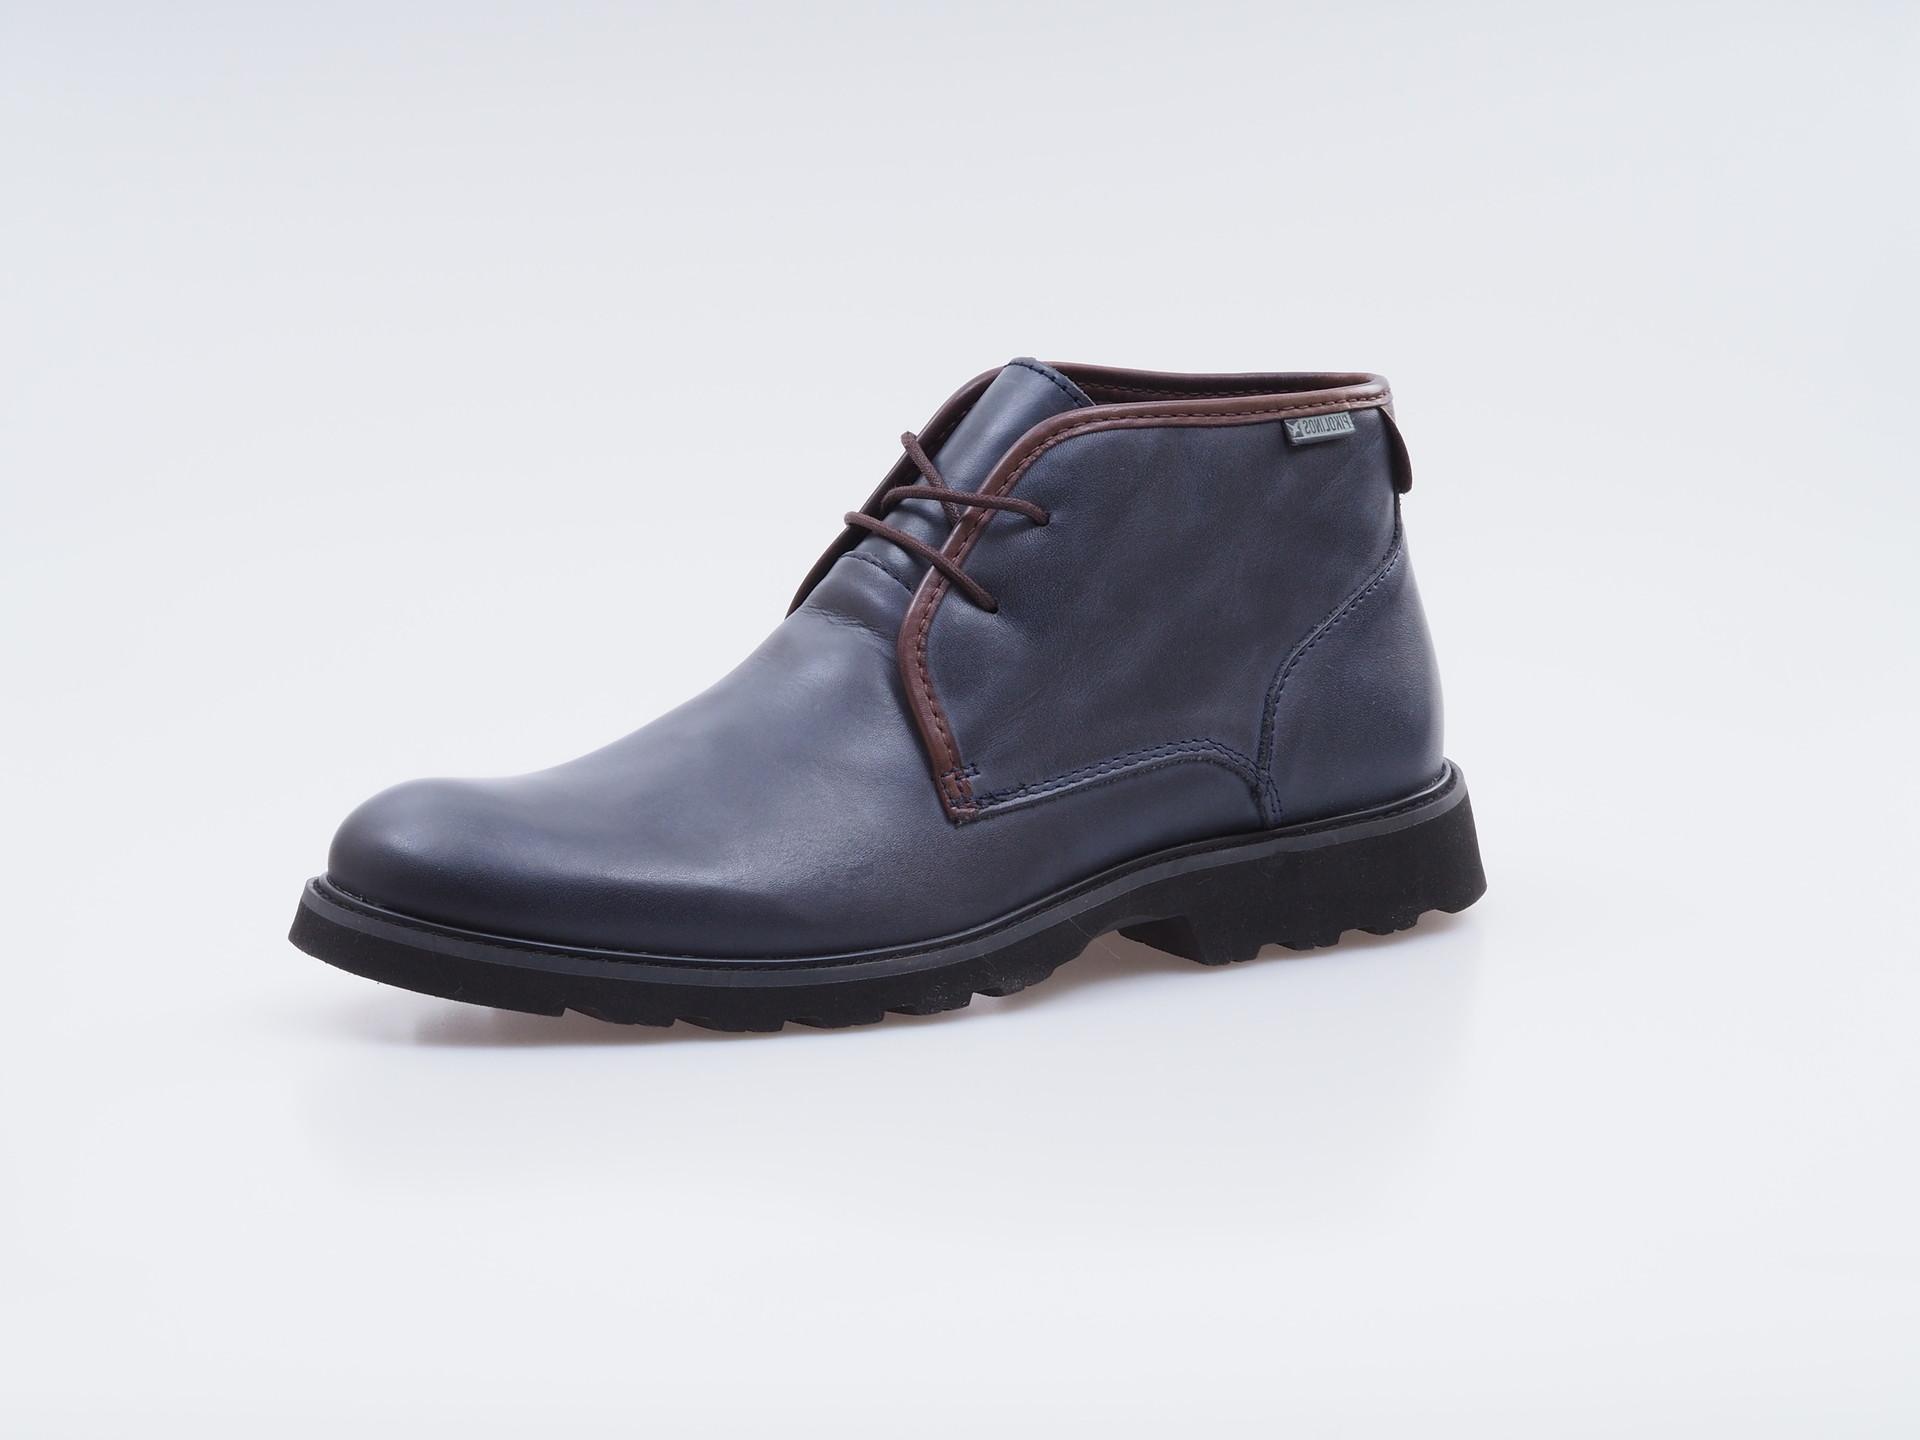 Soňa - Pánska obuv - Zimná - Tmavomodré topánky Pikolinos na šnurovanie 72a6dd94523